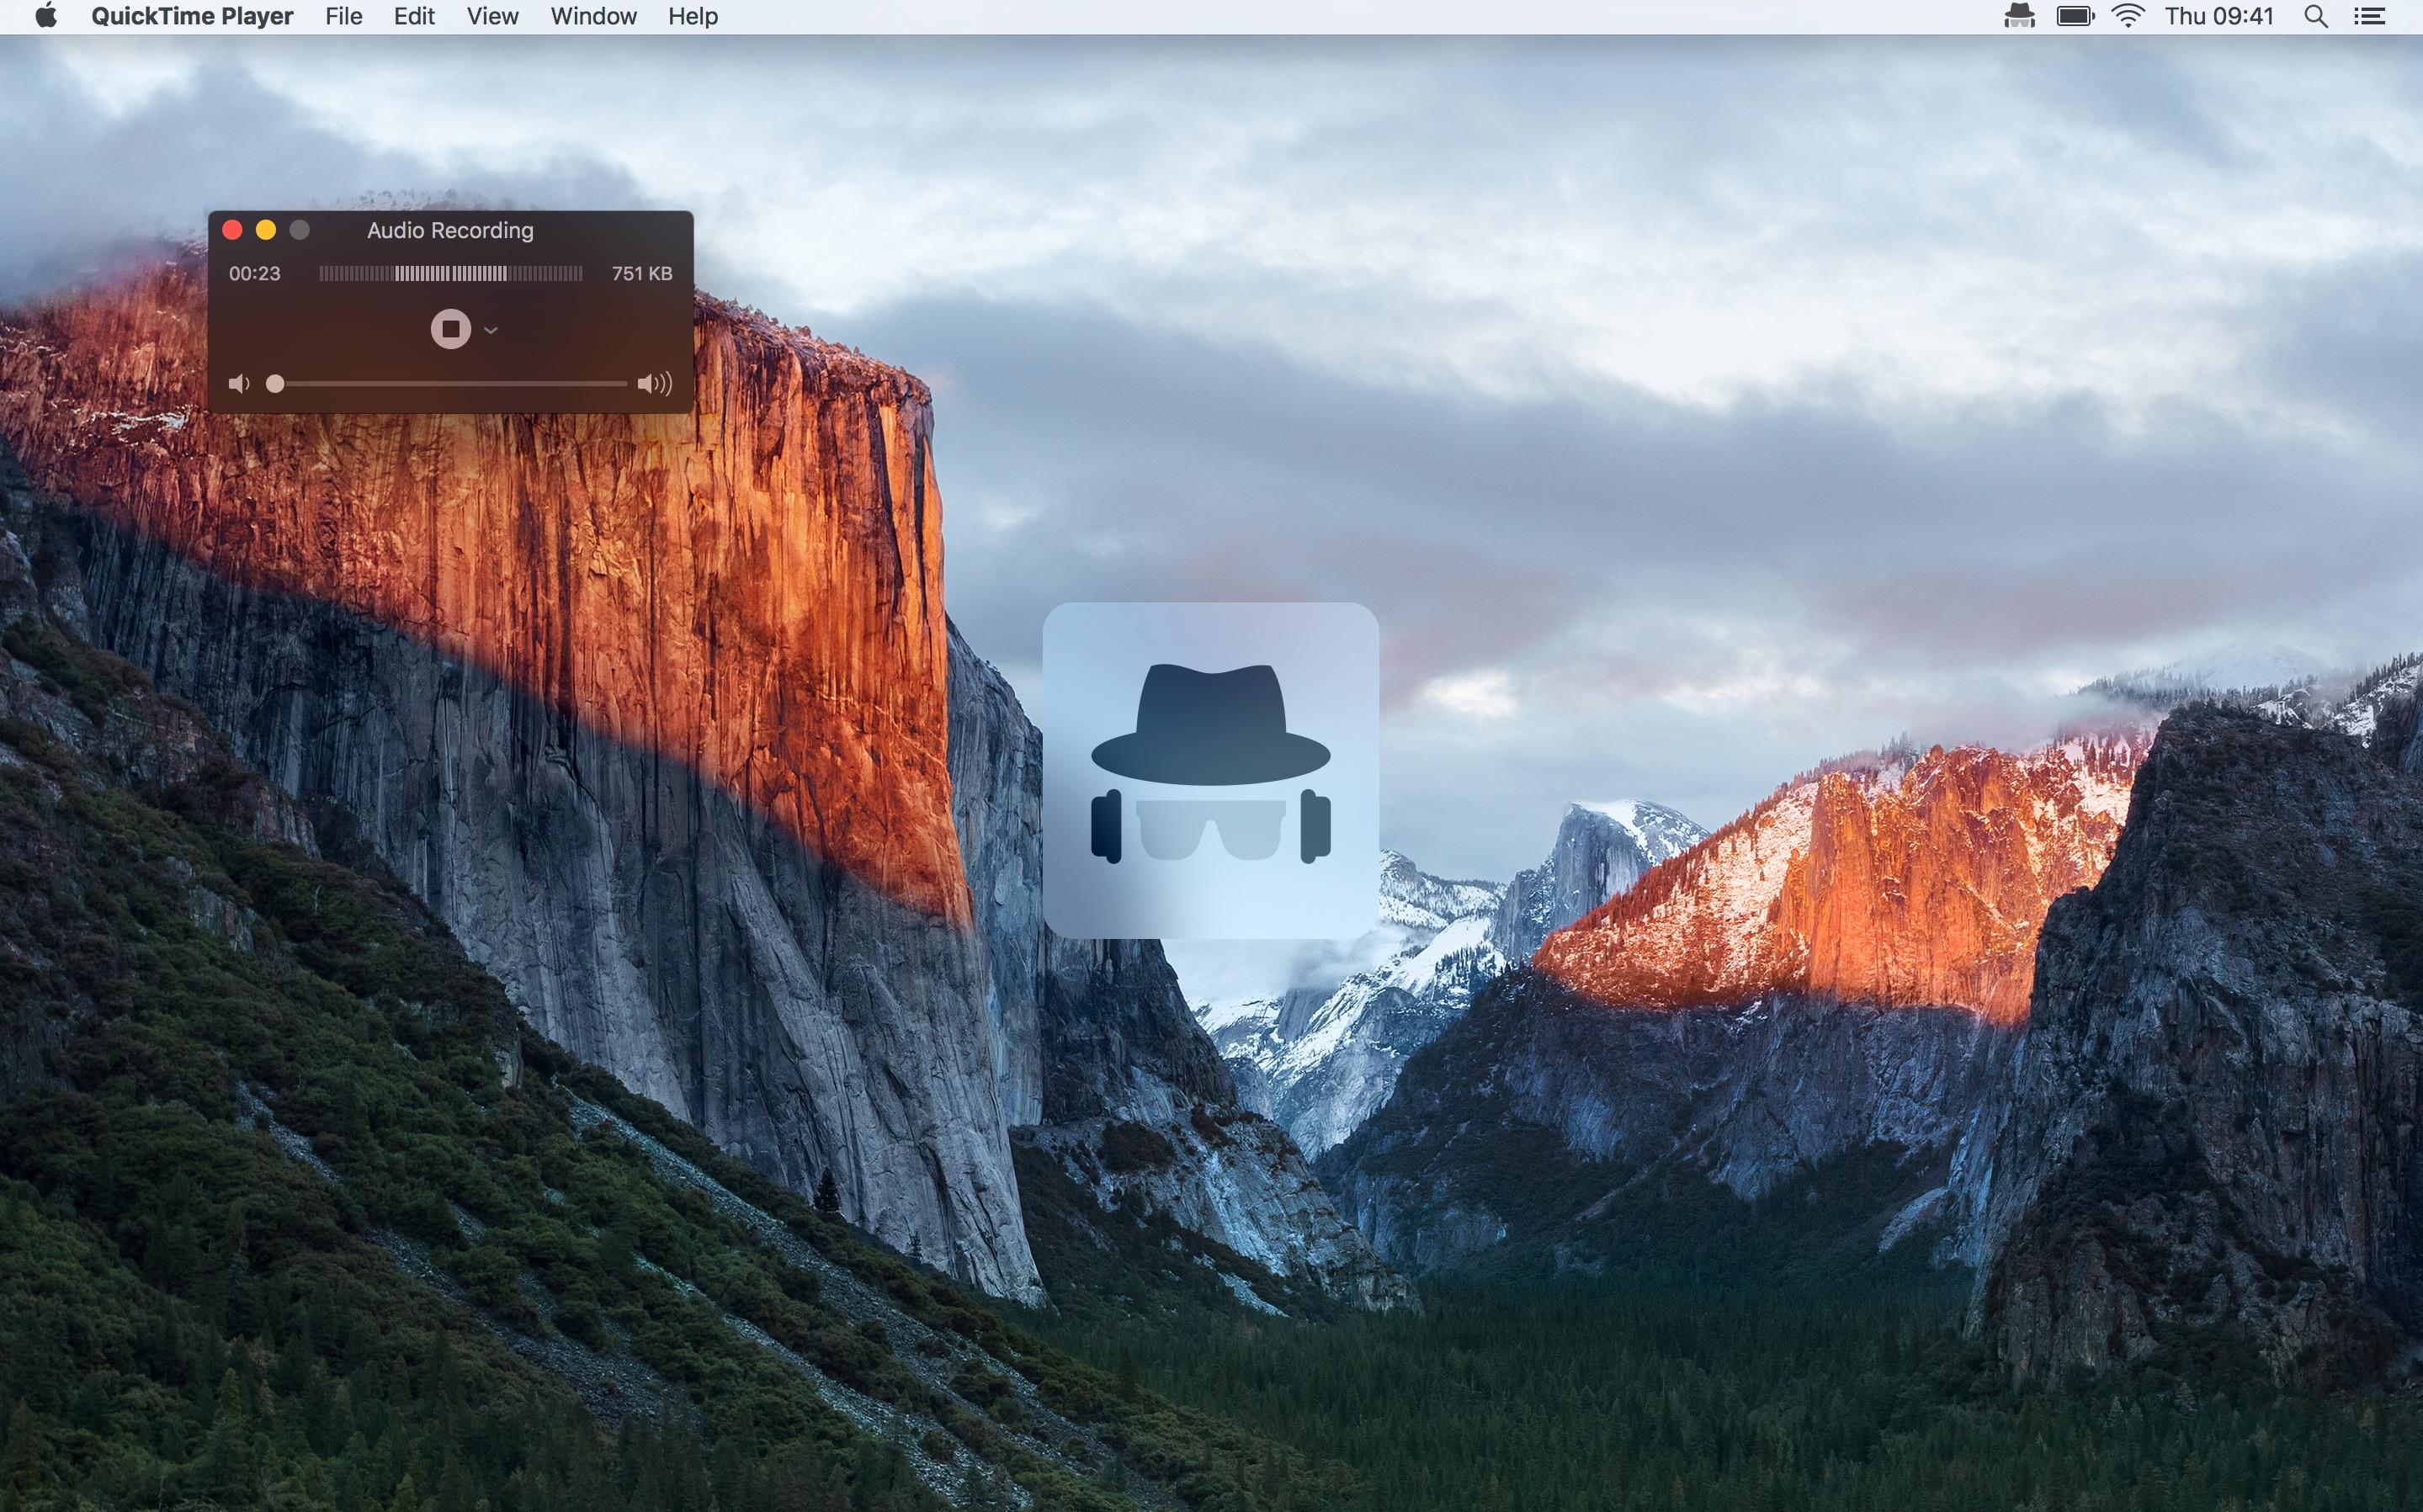 Micro Snitch 1.3.1 Mac 破解版 – 监控麦克风和摄像头的反间谍工具-麦氪派(WaitsUn.com | 爱情守望者)